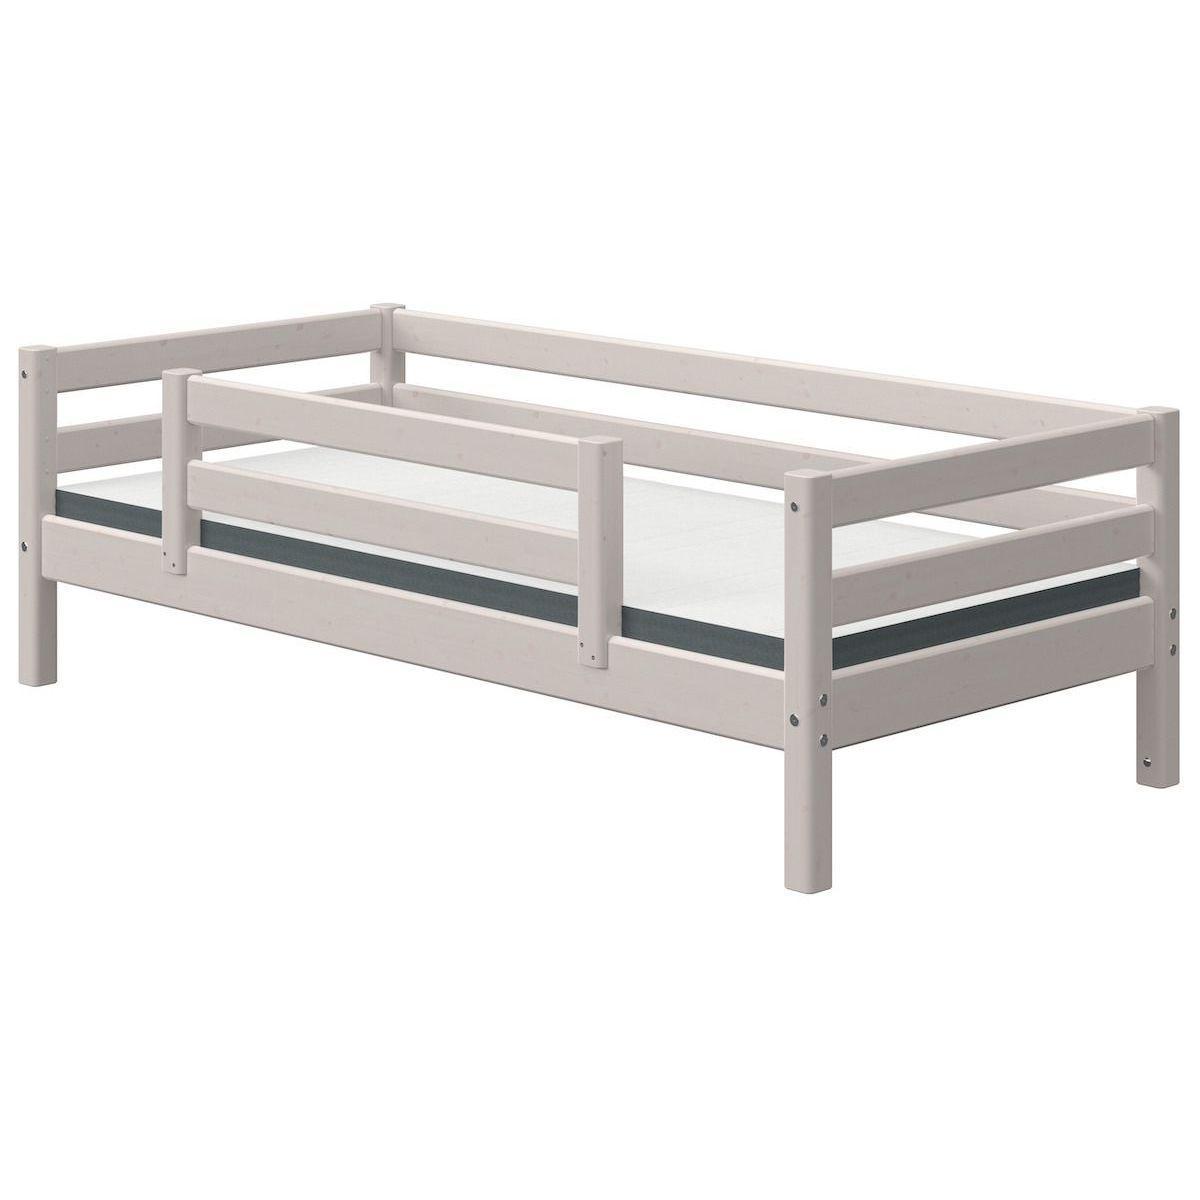 Tagesbett 90x200cm Zentrales Absturzsicherung CLASSIC Flexa grey washed